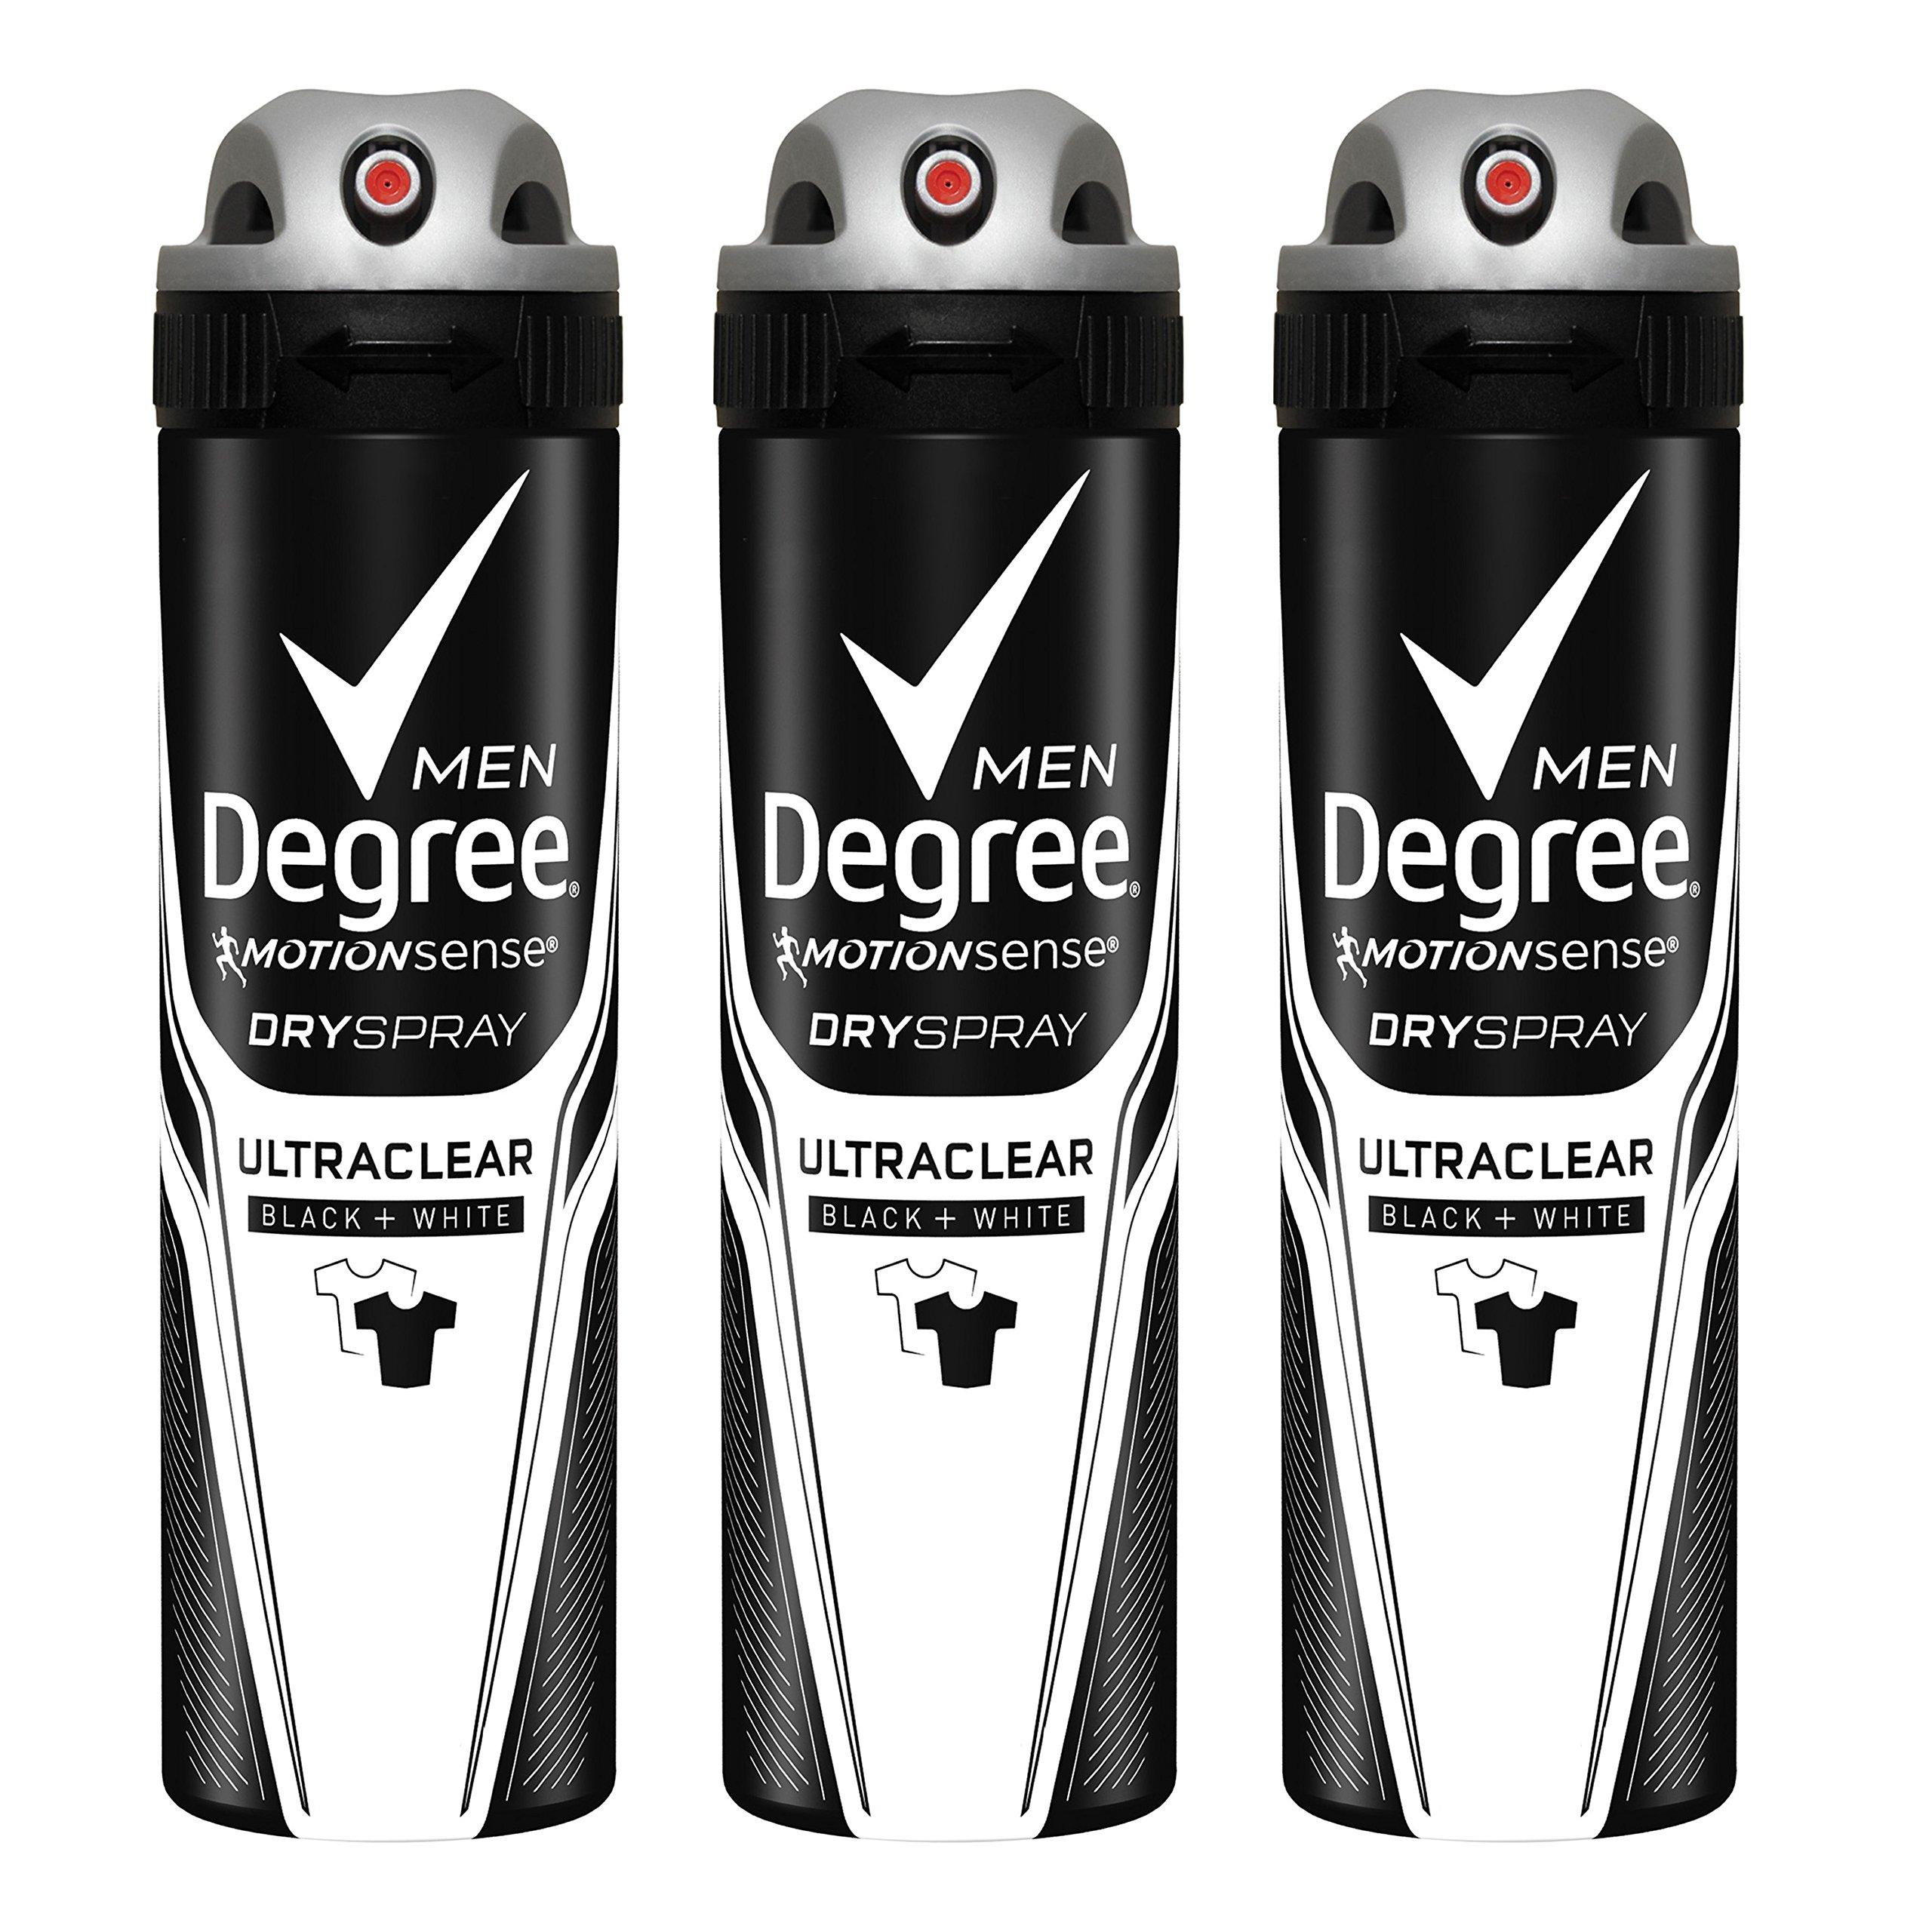 Degree Men MotionSense Antiperspirant Deodorant Dry Spray, UltraClear Black+White, 3.8 oz, Pack of 3